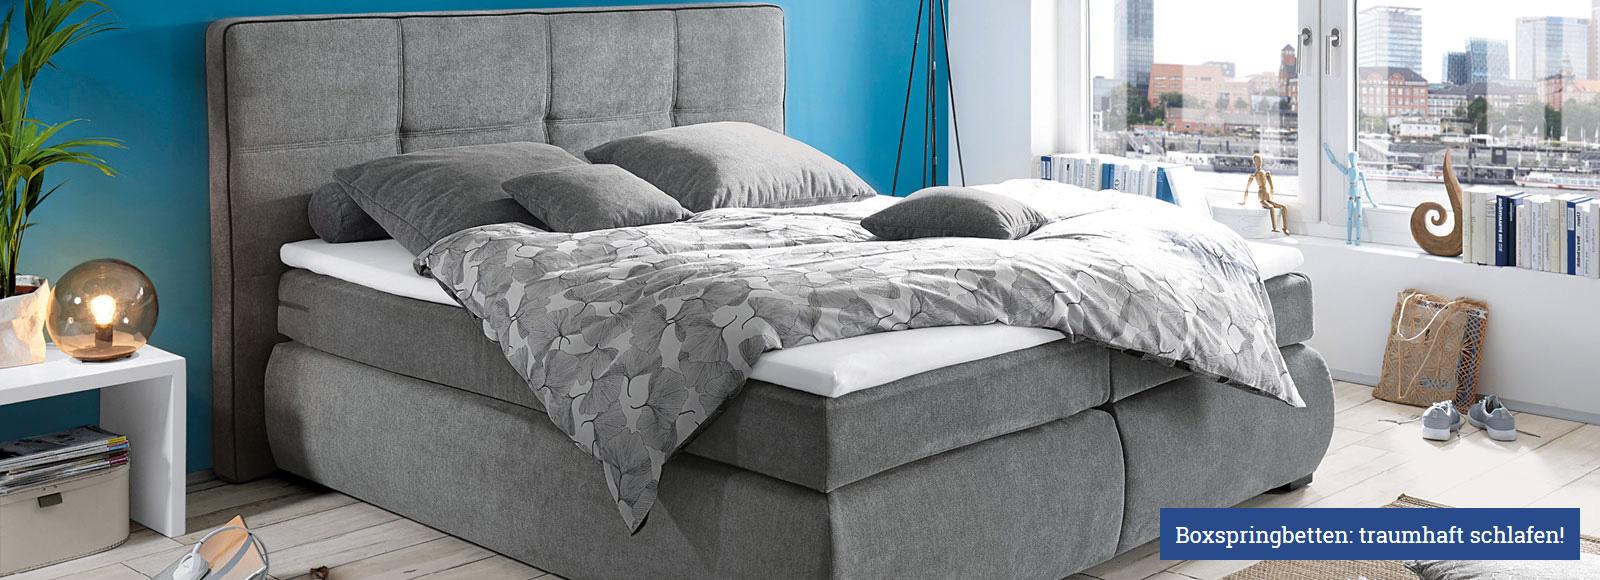 Traumhaft schlafen: Boxspringbetten - günstig kaufen bei Kranepuhl's Optimale Möbelmärkte